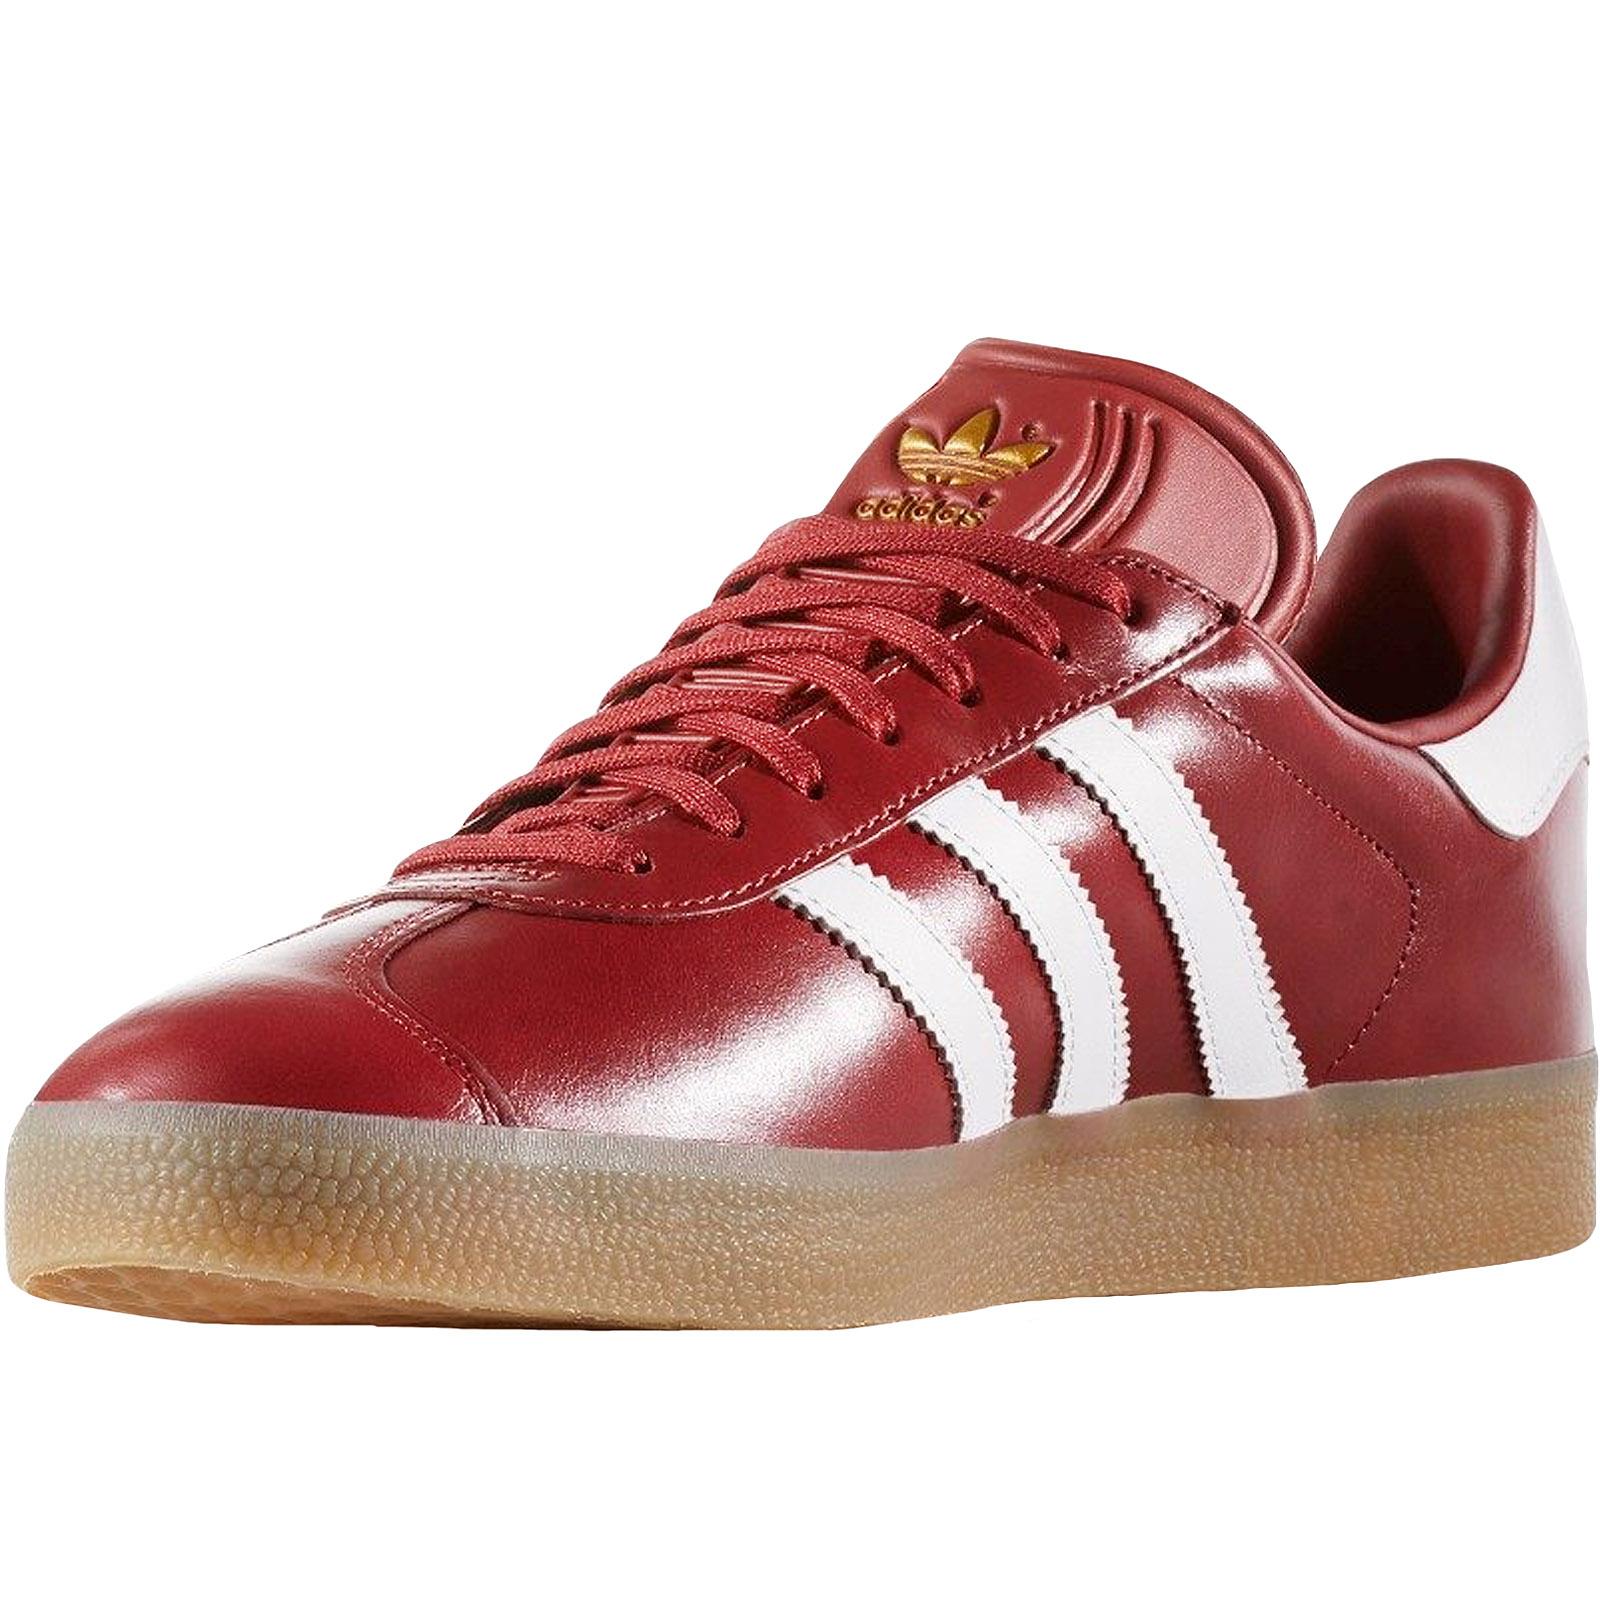 Détails sur Adidas Originals Homme Gazelle Lacets Décontractées En Cuir Baskets Baskets Rouge afficher le titre d'origine